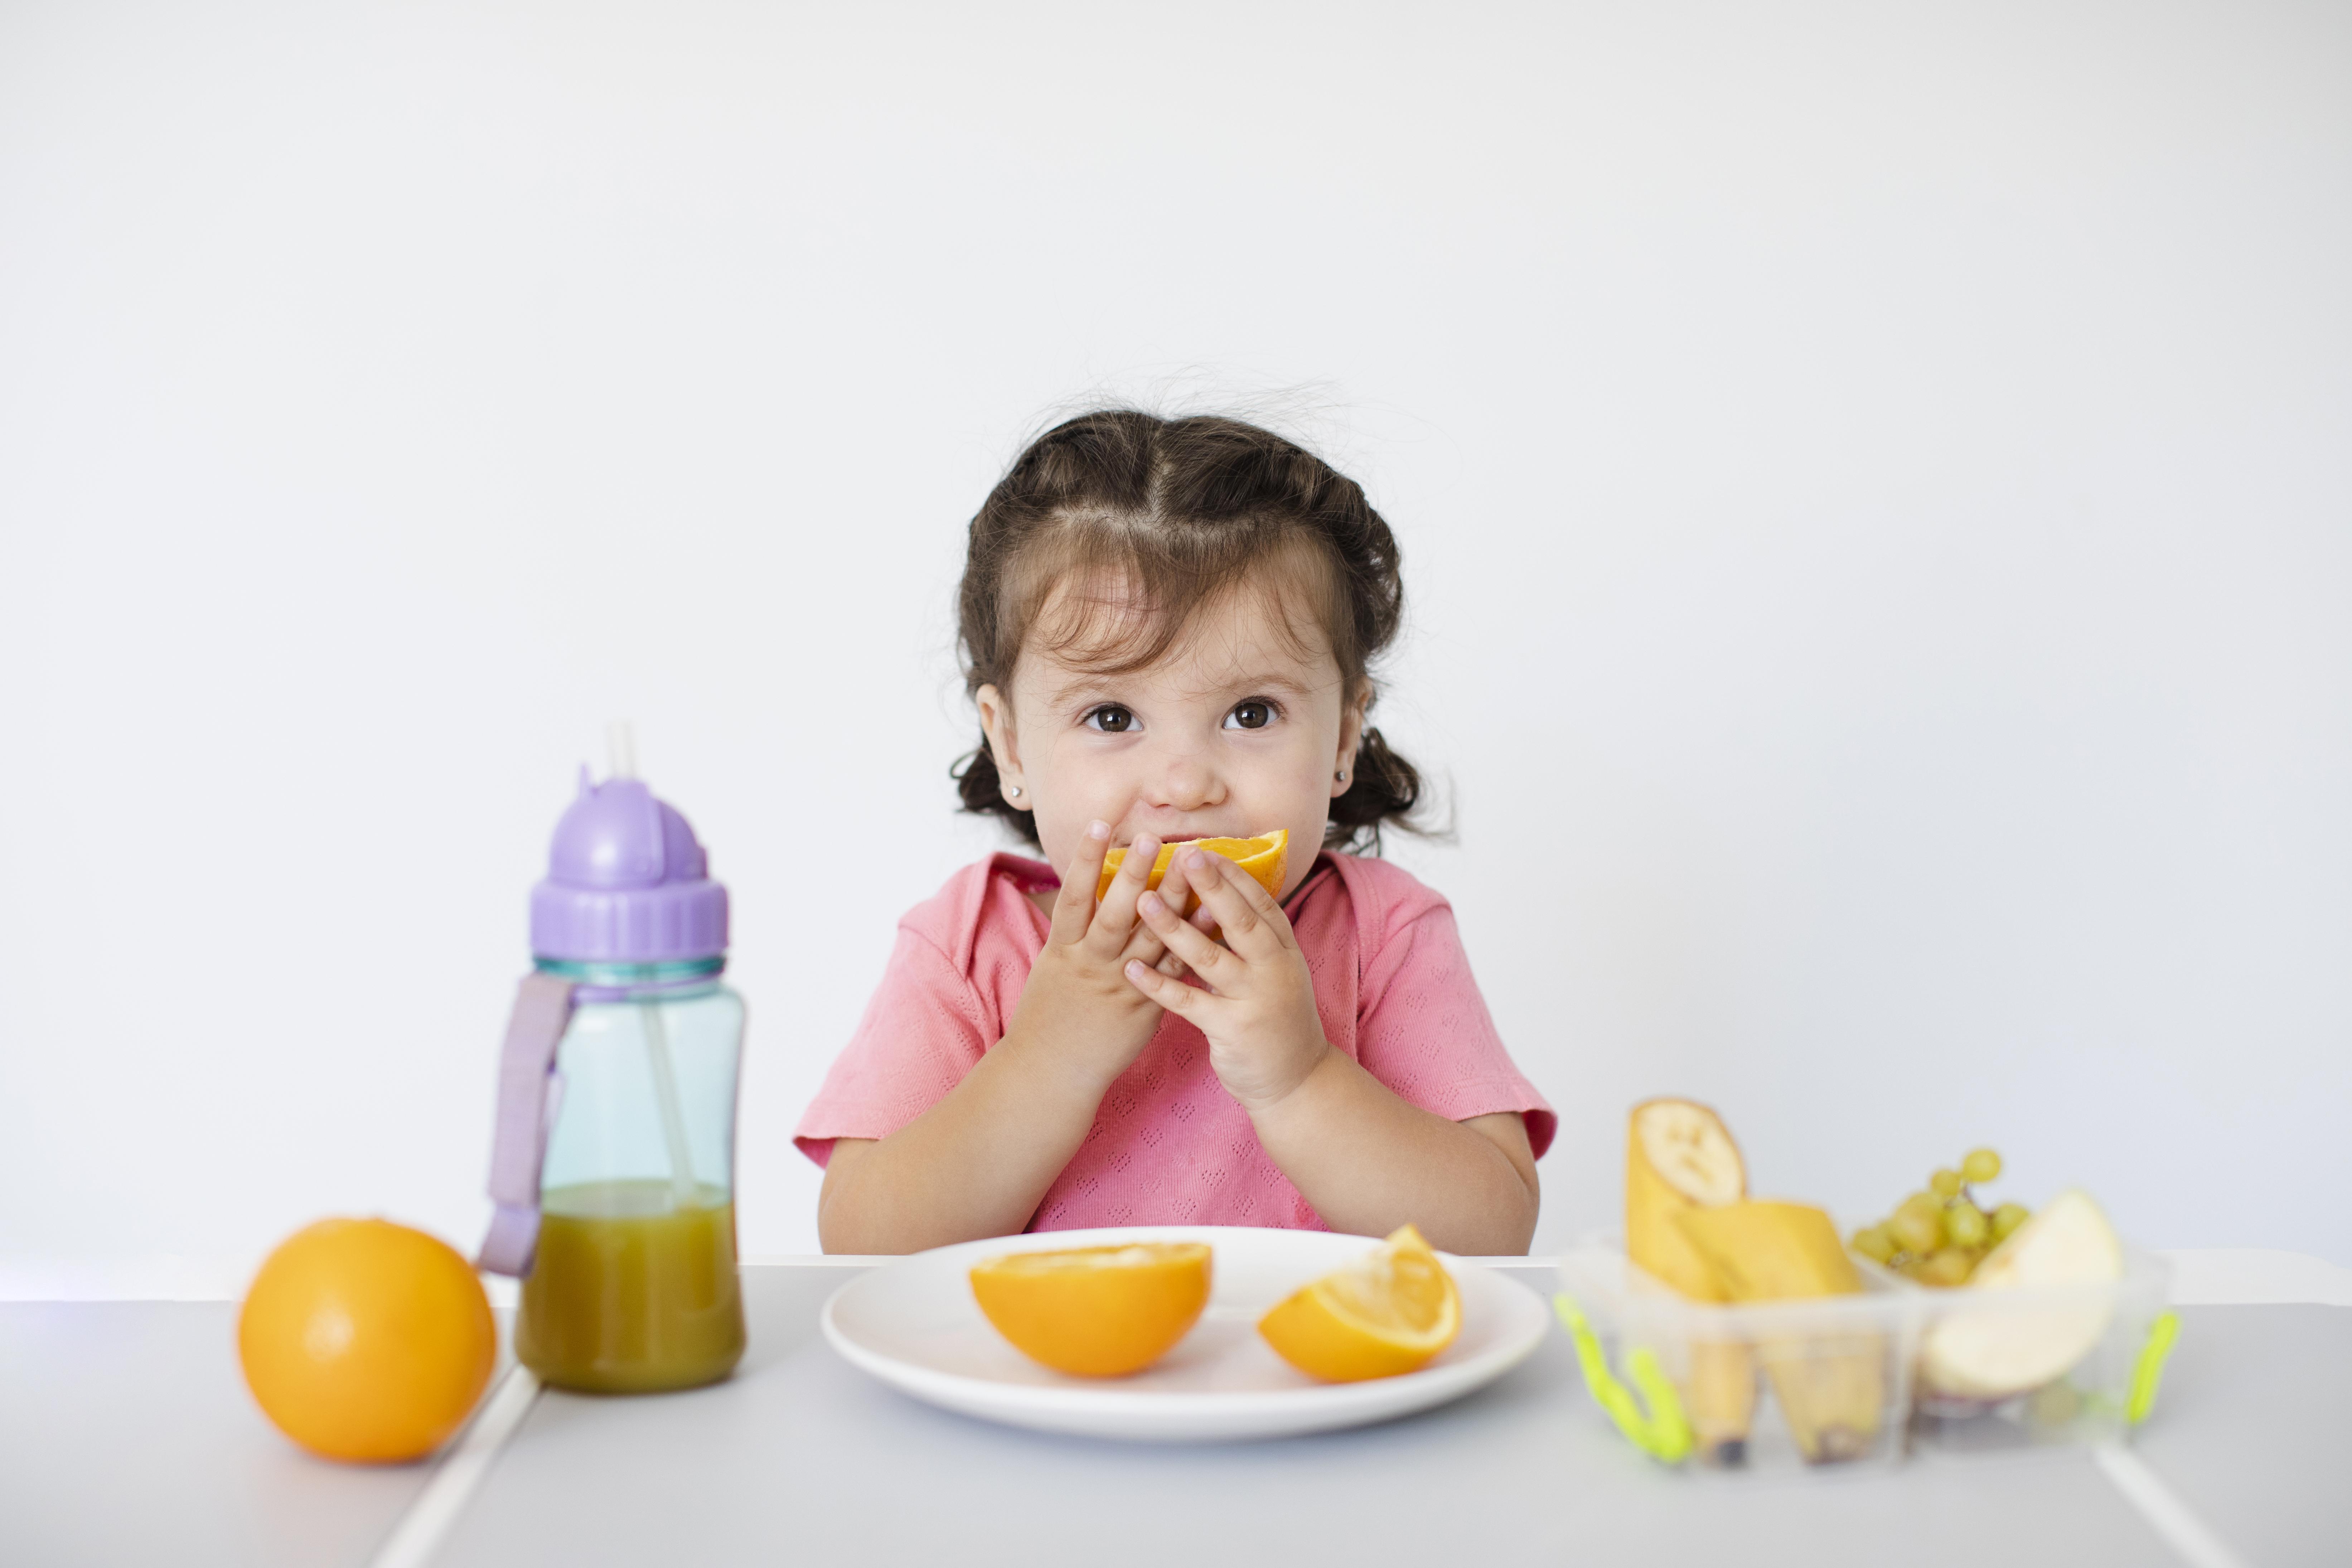 Zašto je važno naučiti djecu zdravim navikama?